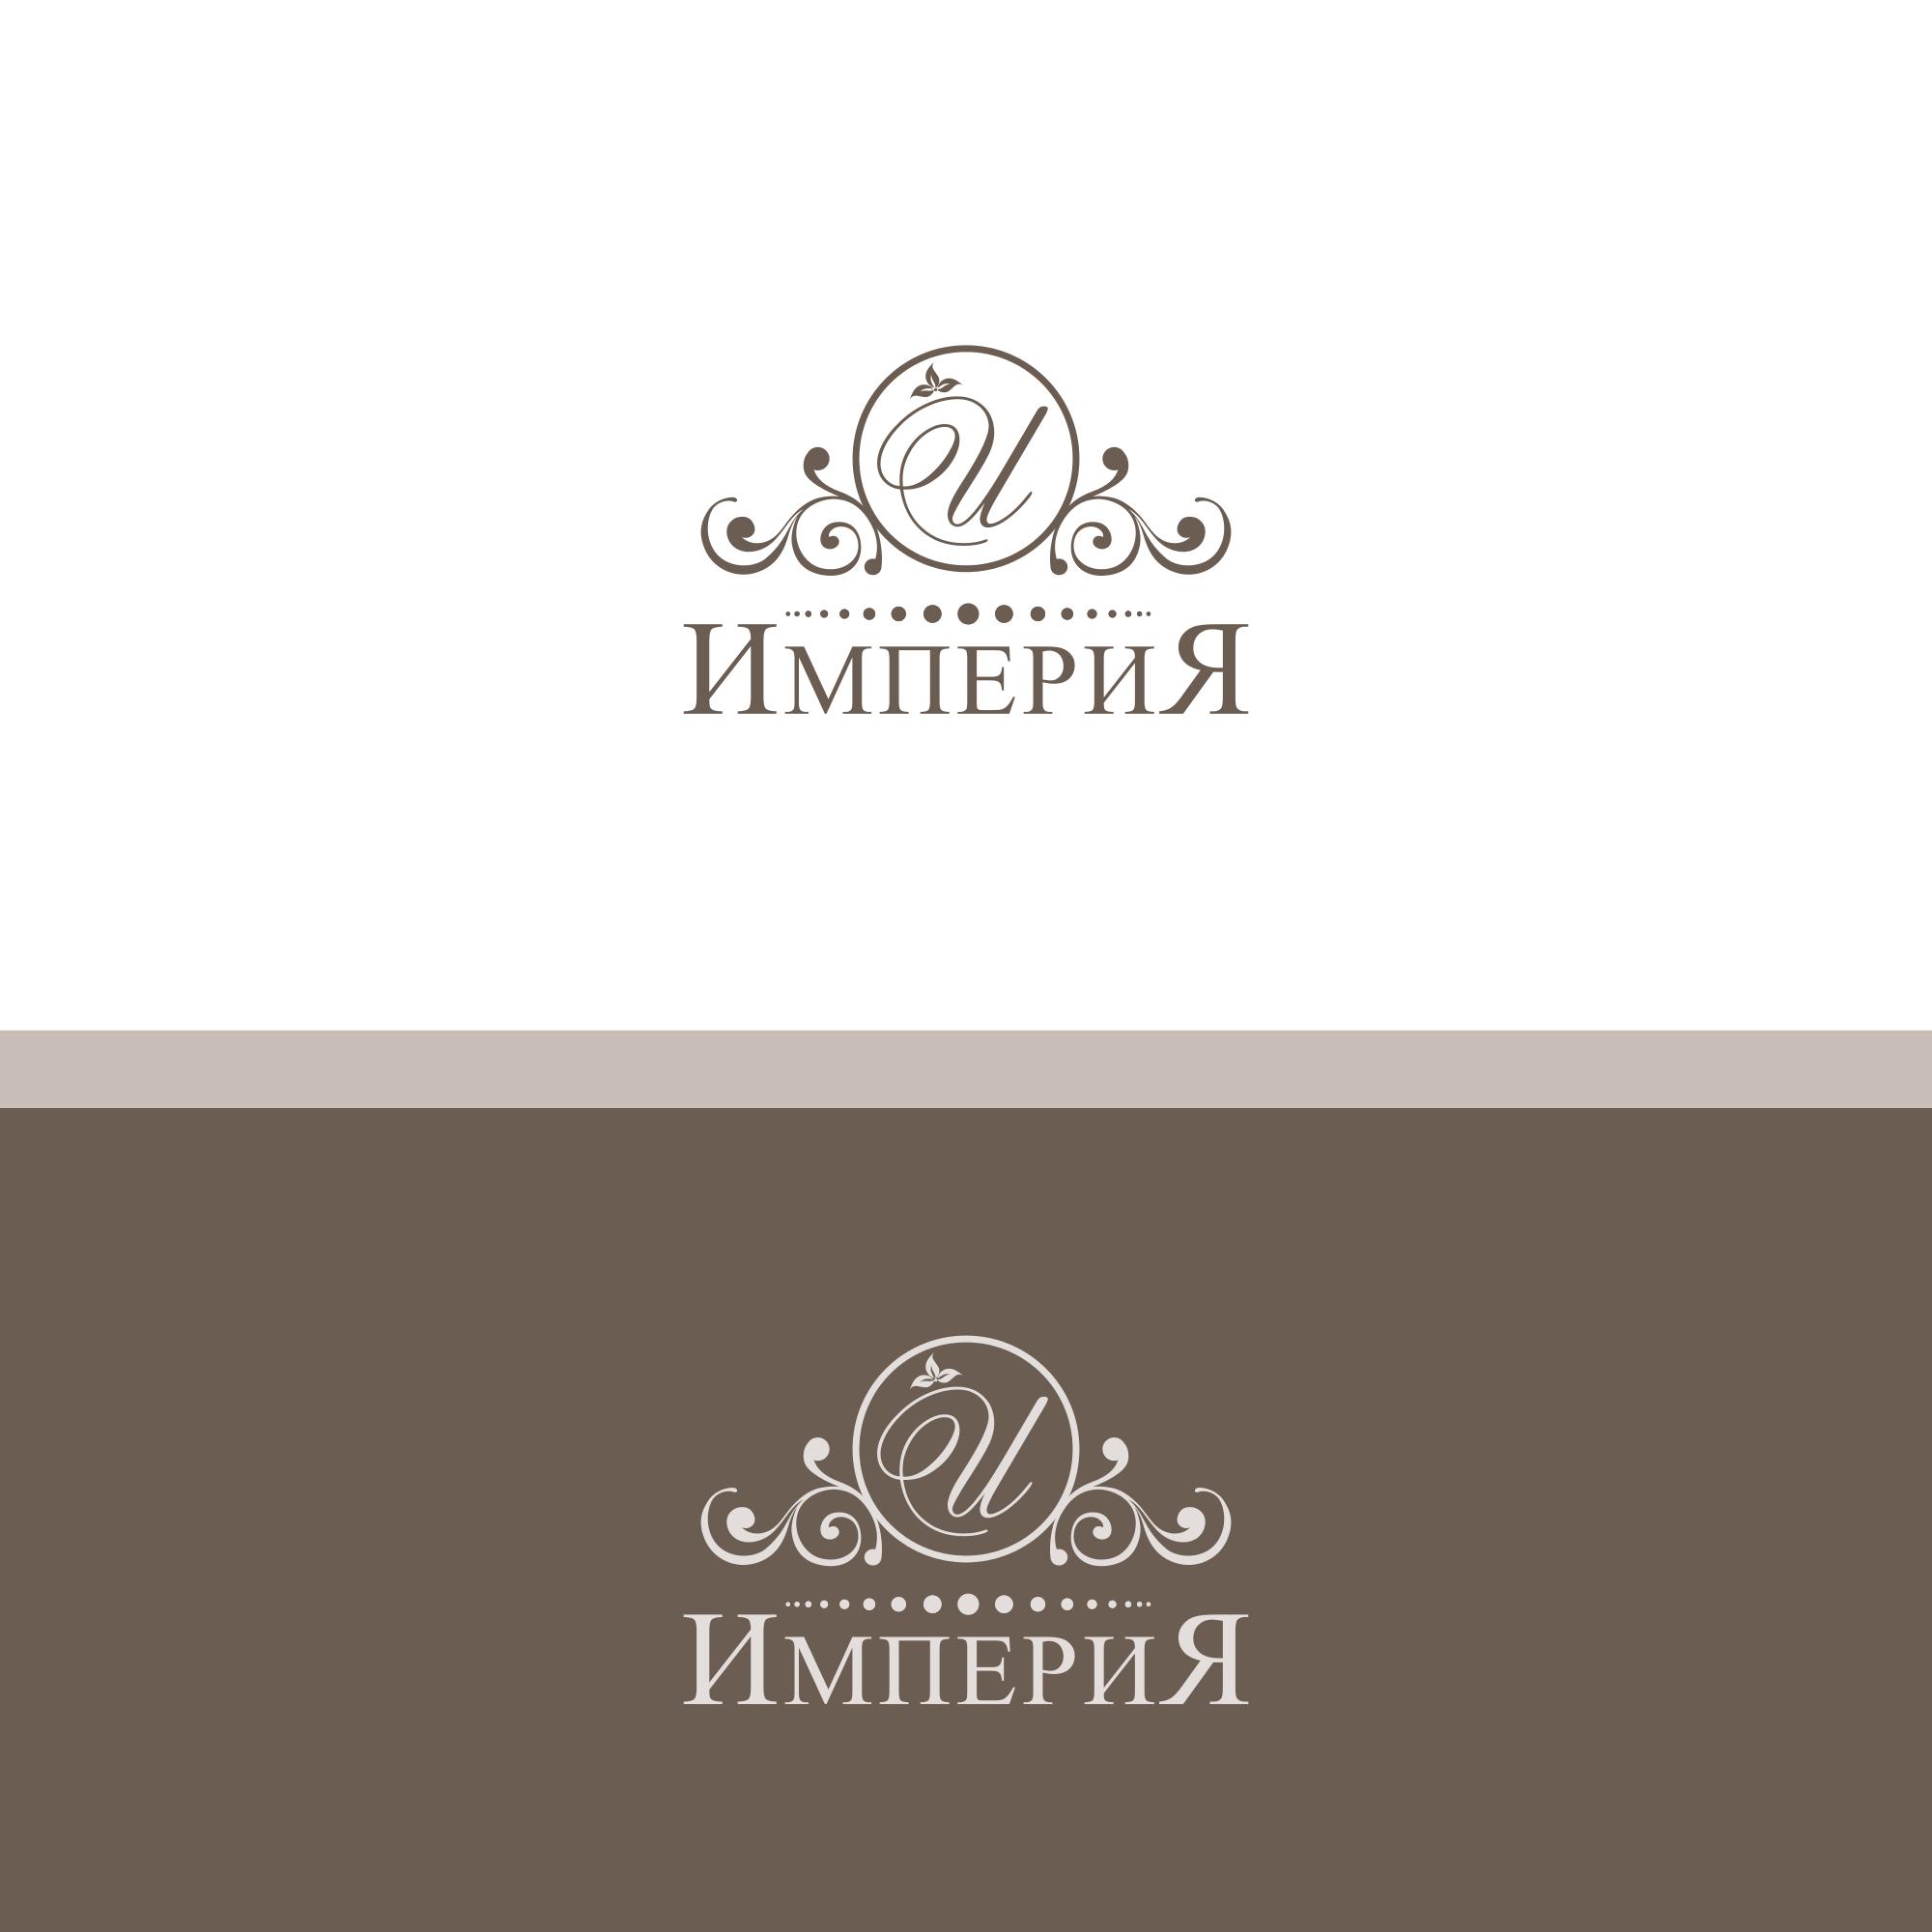 Разработать логотип для нового бренда фото f_27859e3da9f45e52.png